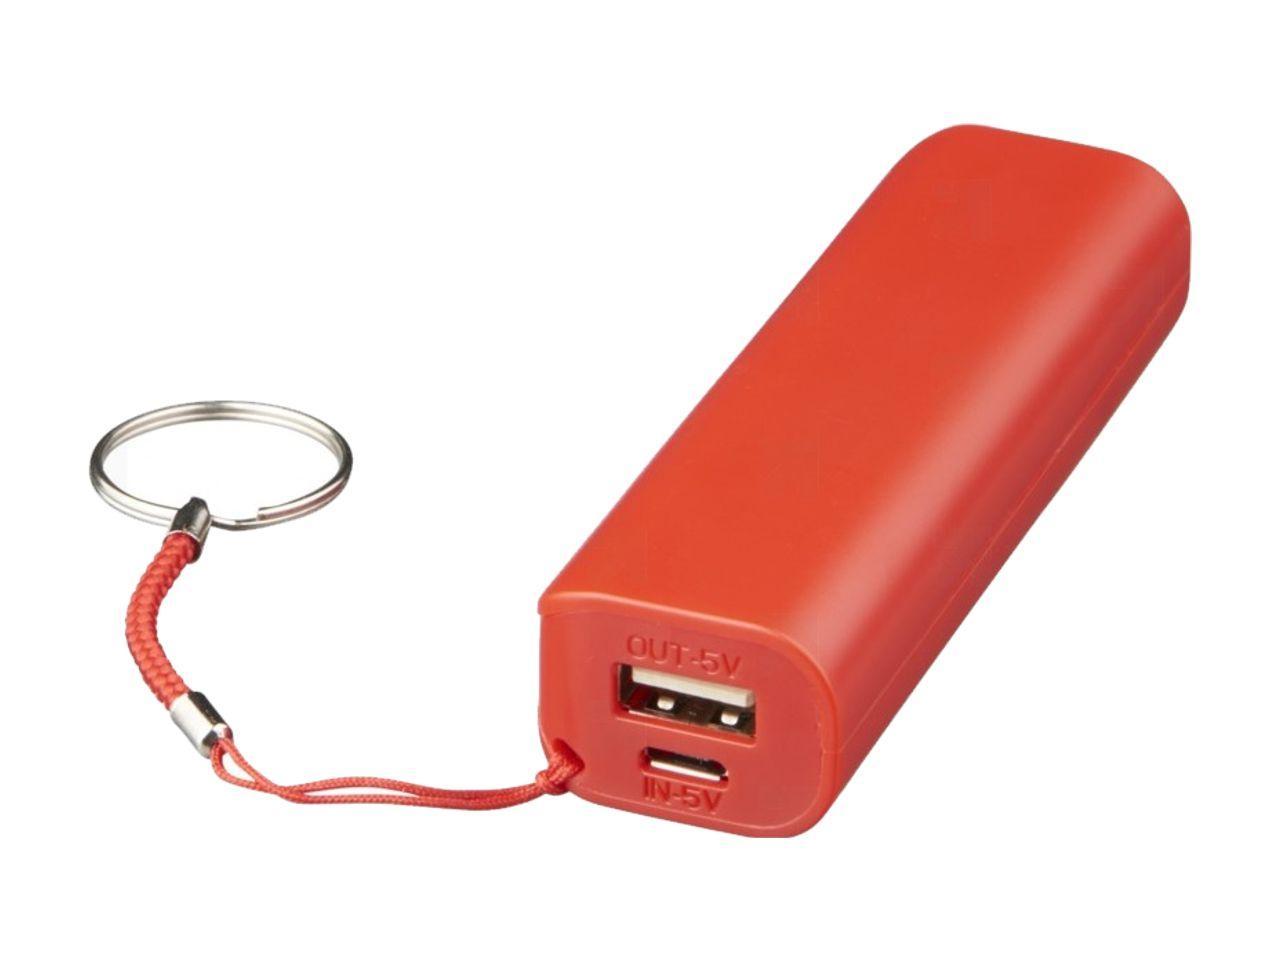 Powerbanka Spencer Express s kroužkem na klíče, červená